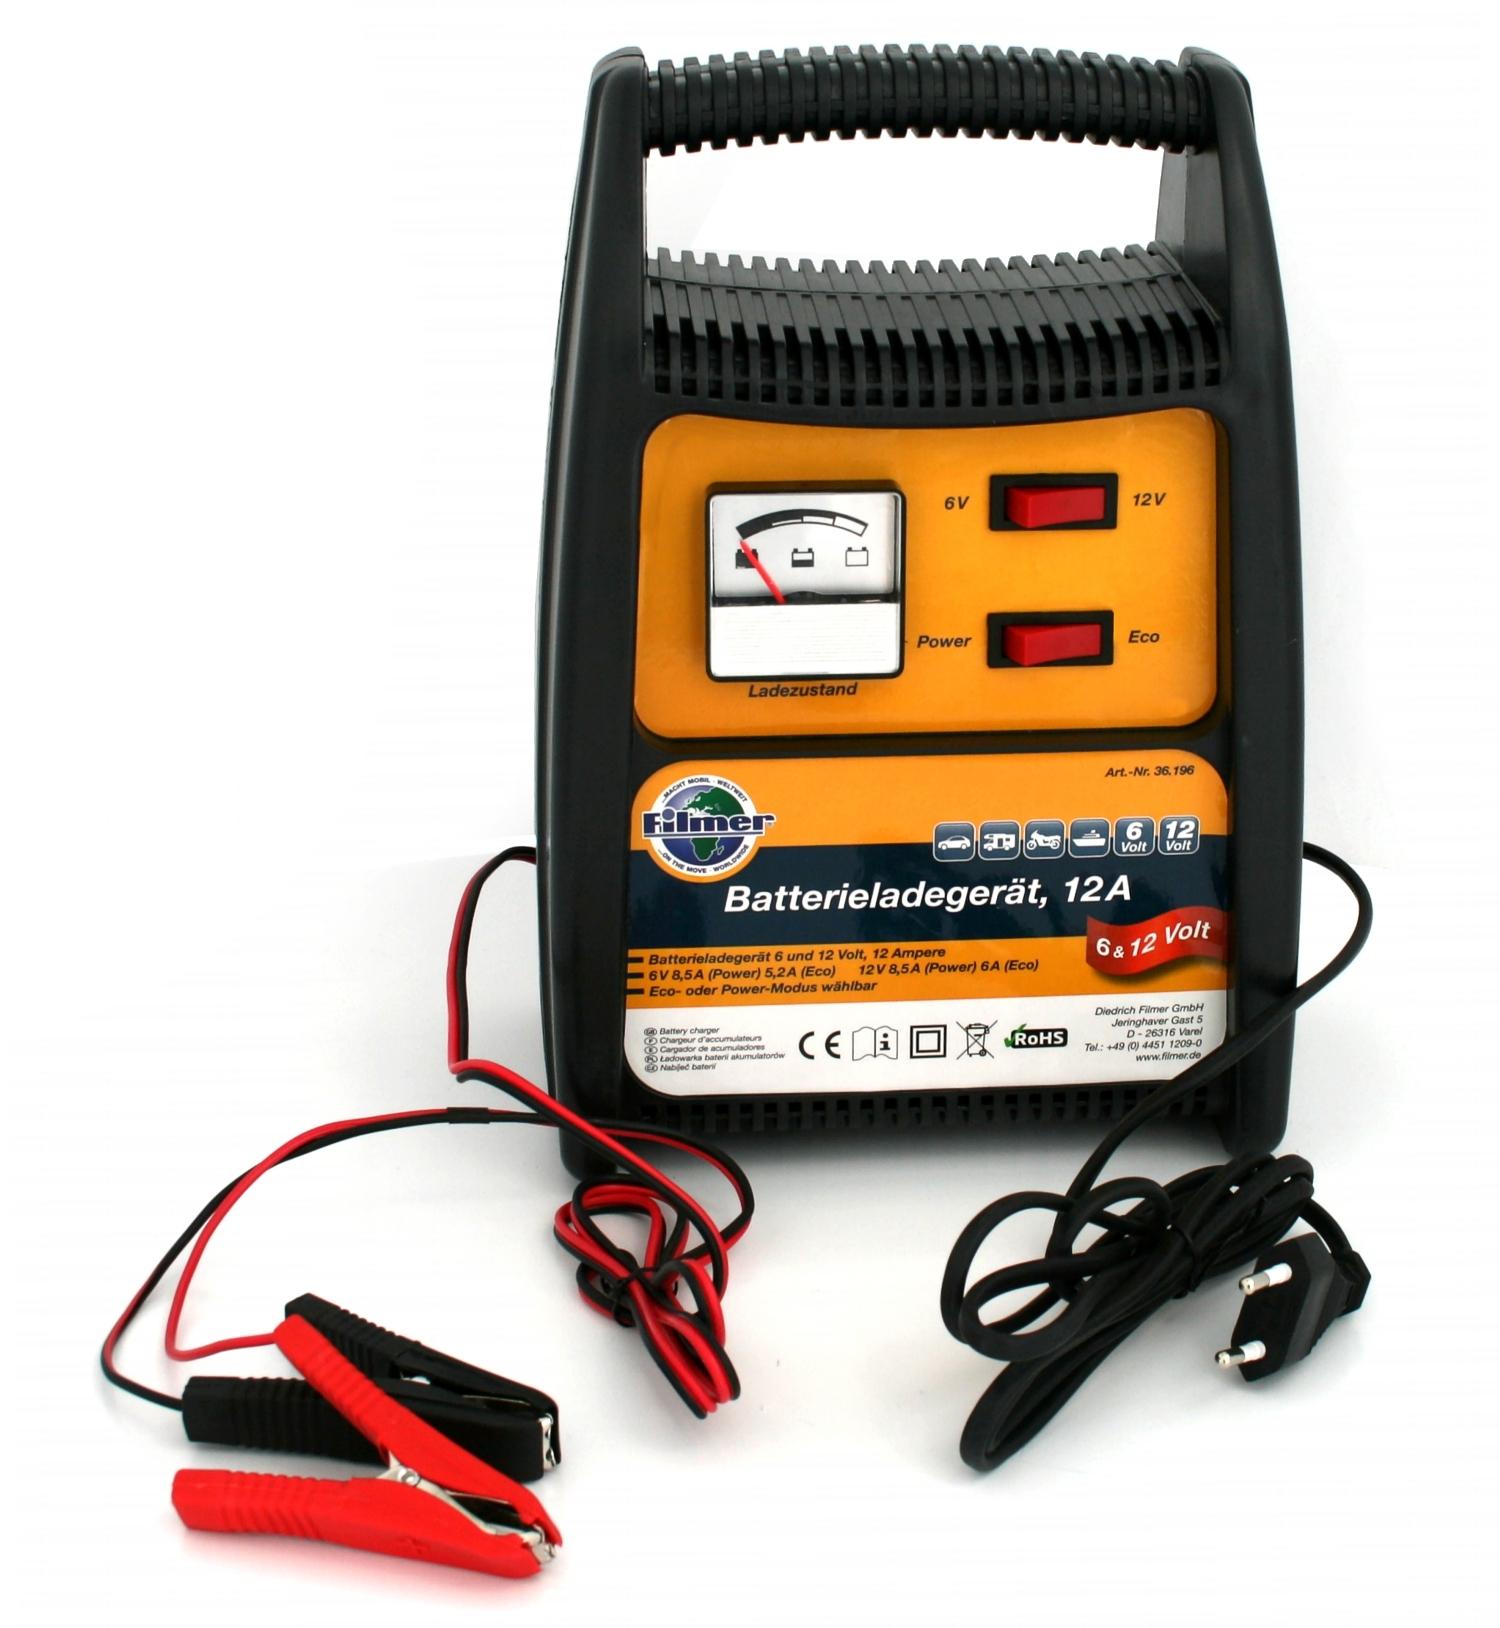 batterie ladeger t 6volt 12volt 12ampere ladeger t. Black Bedroom Furniture Sets. Home Design Ideas